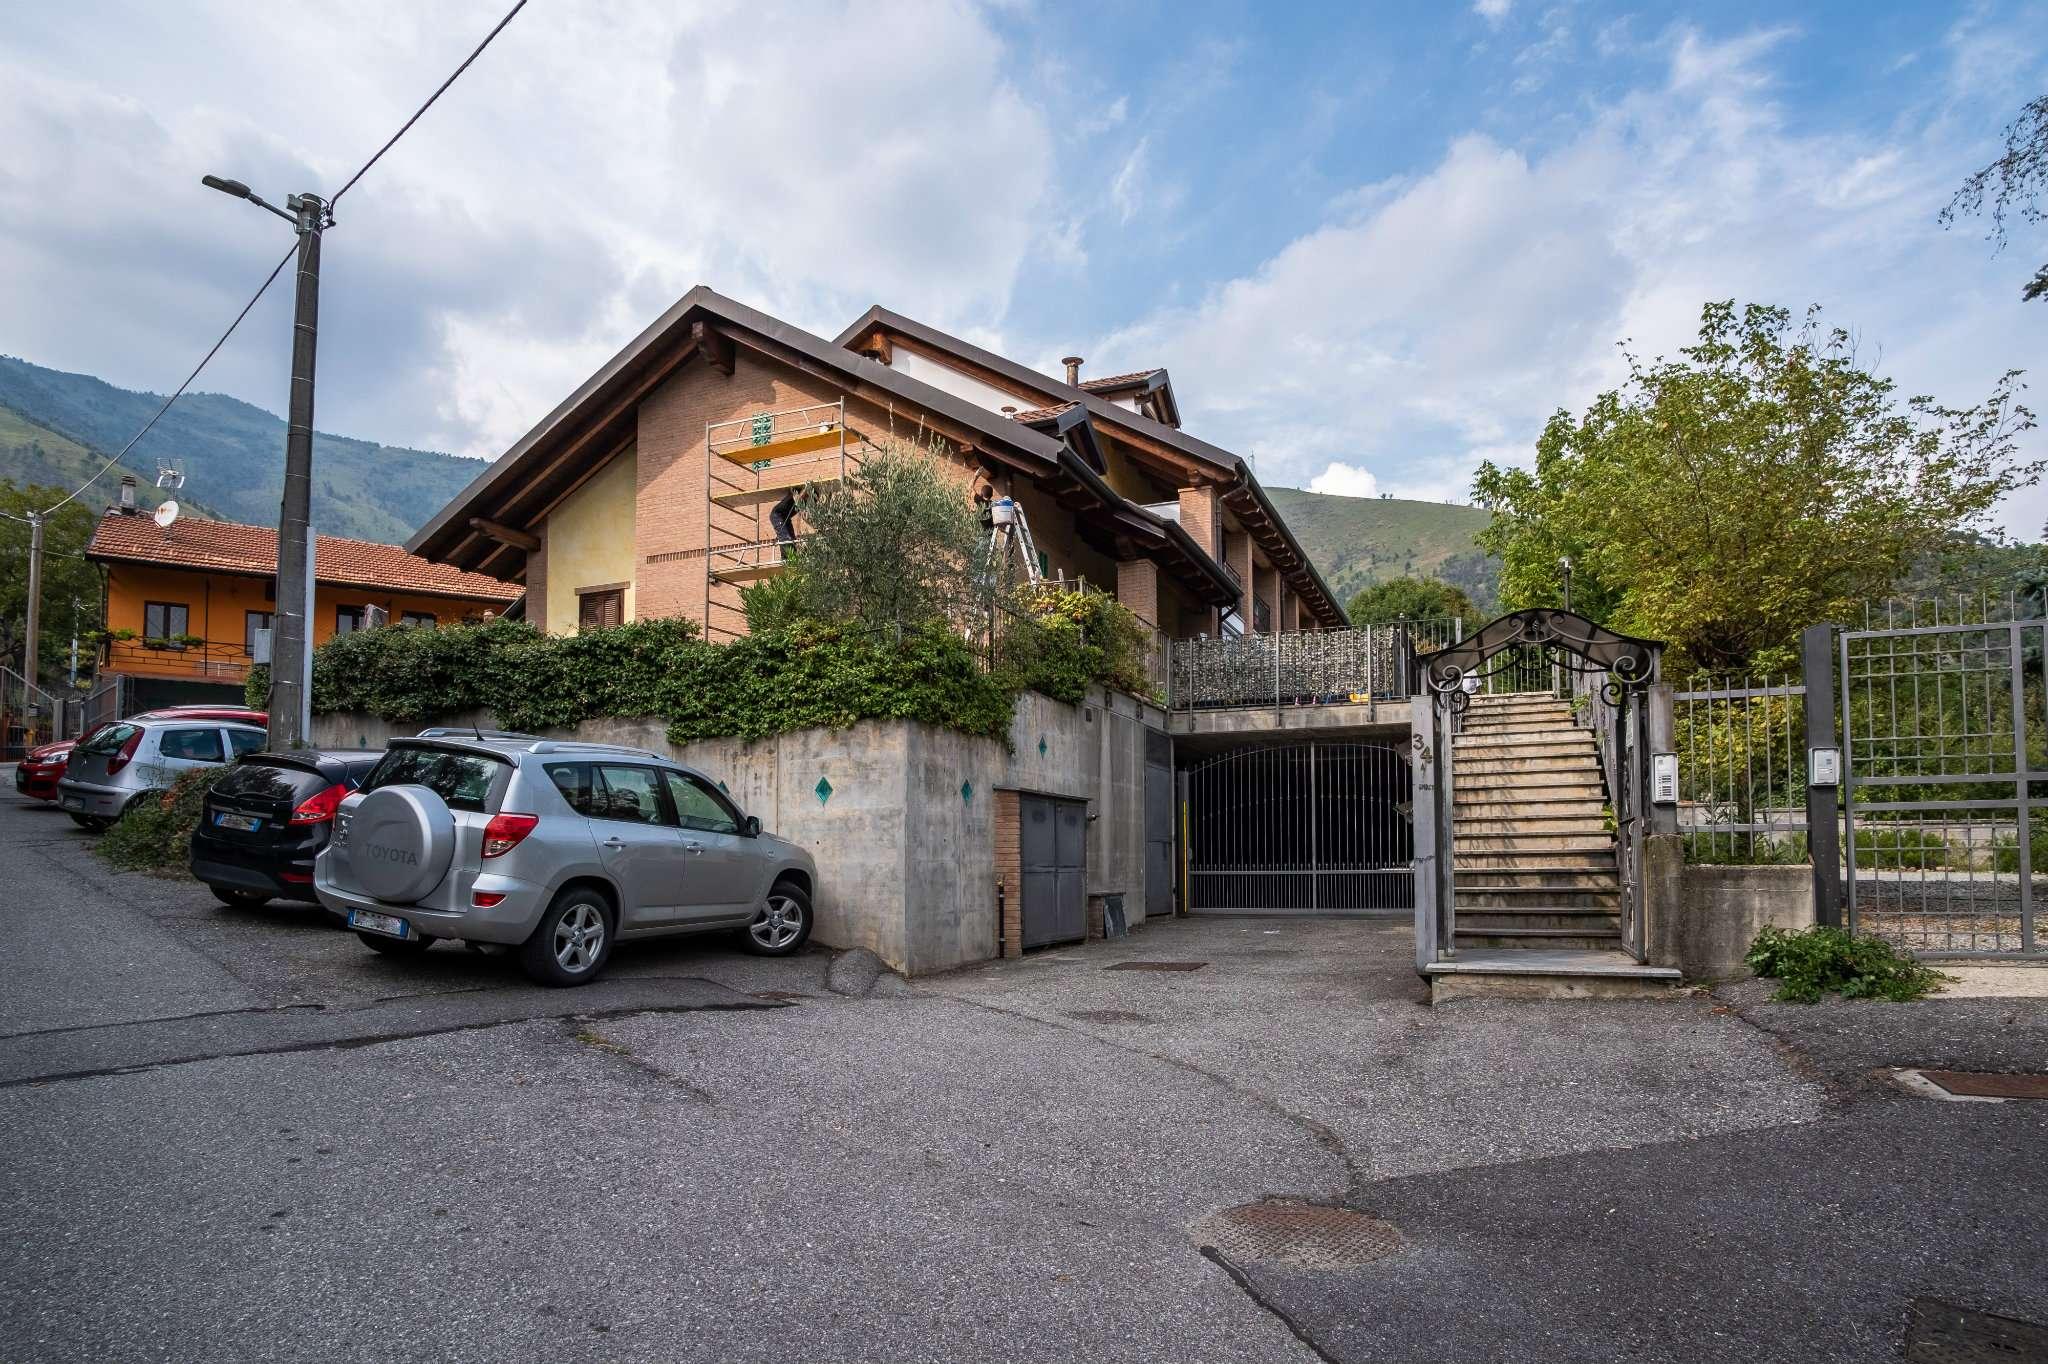 Appartamento in vendita a Givoletto, 2 locali, prezzo € 99.000 | PortaleAgenzieImmobiliari.it